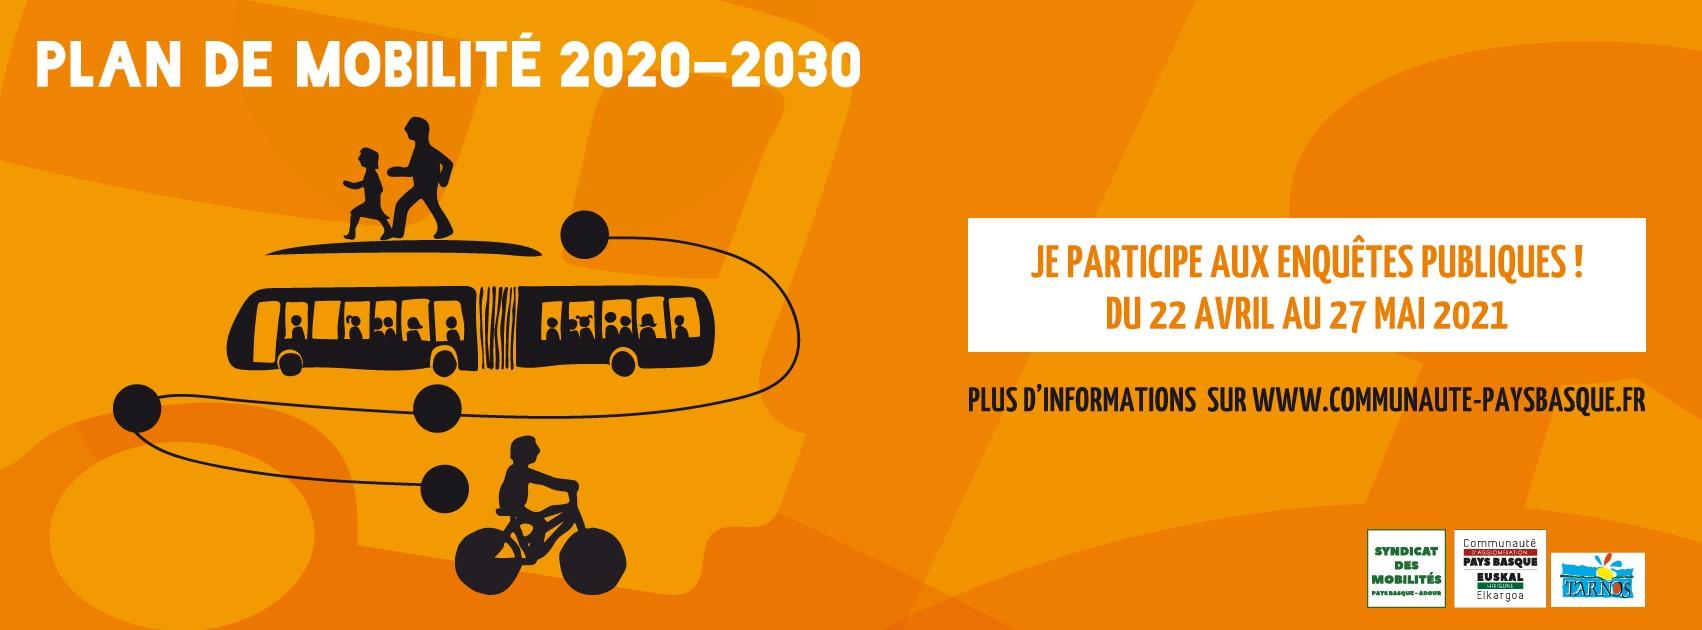 PLAN MOBILITE 2020-2030